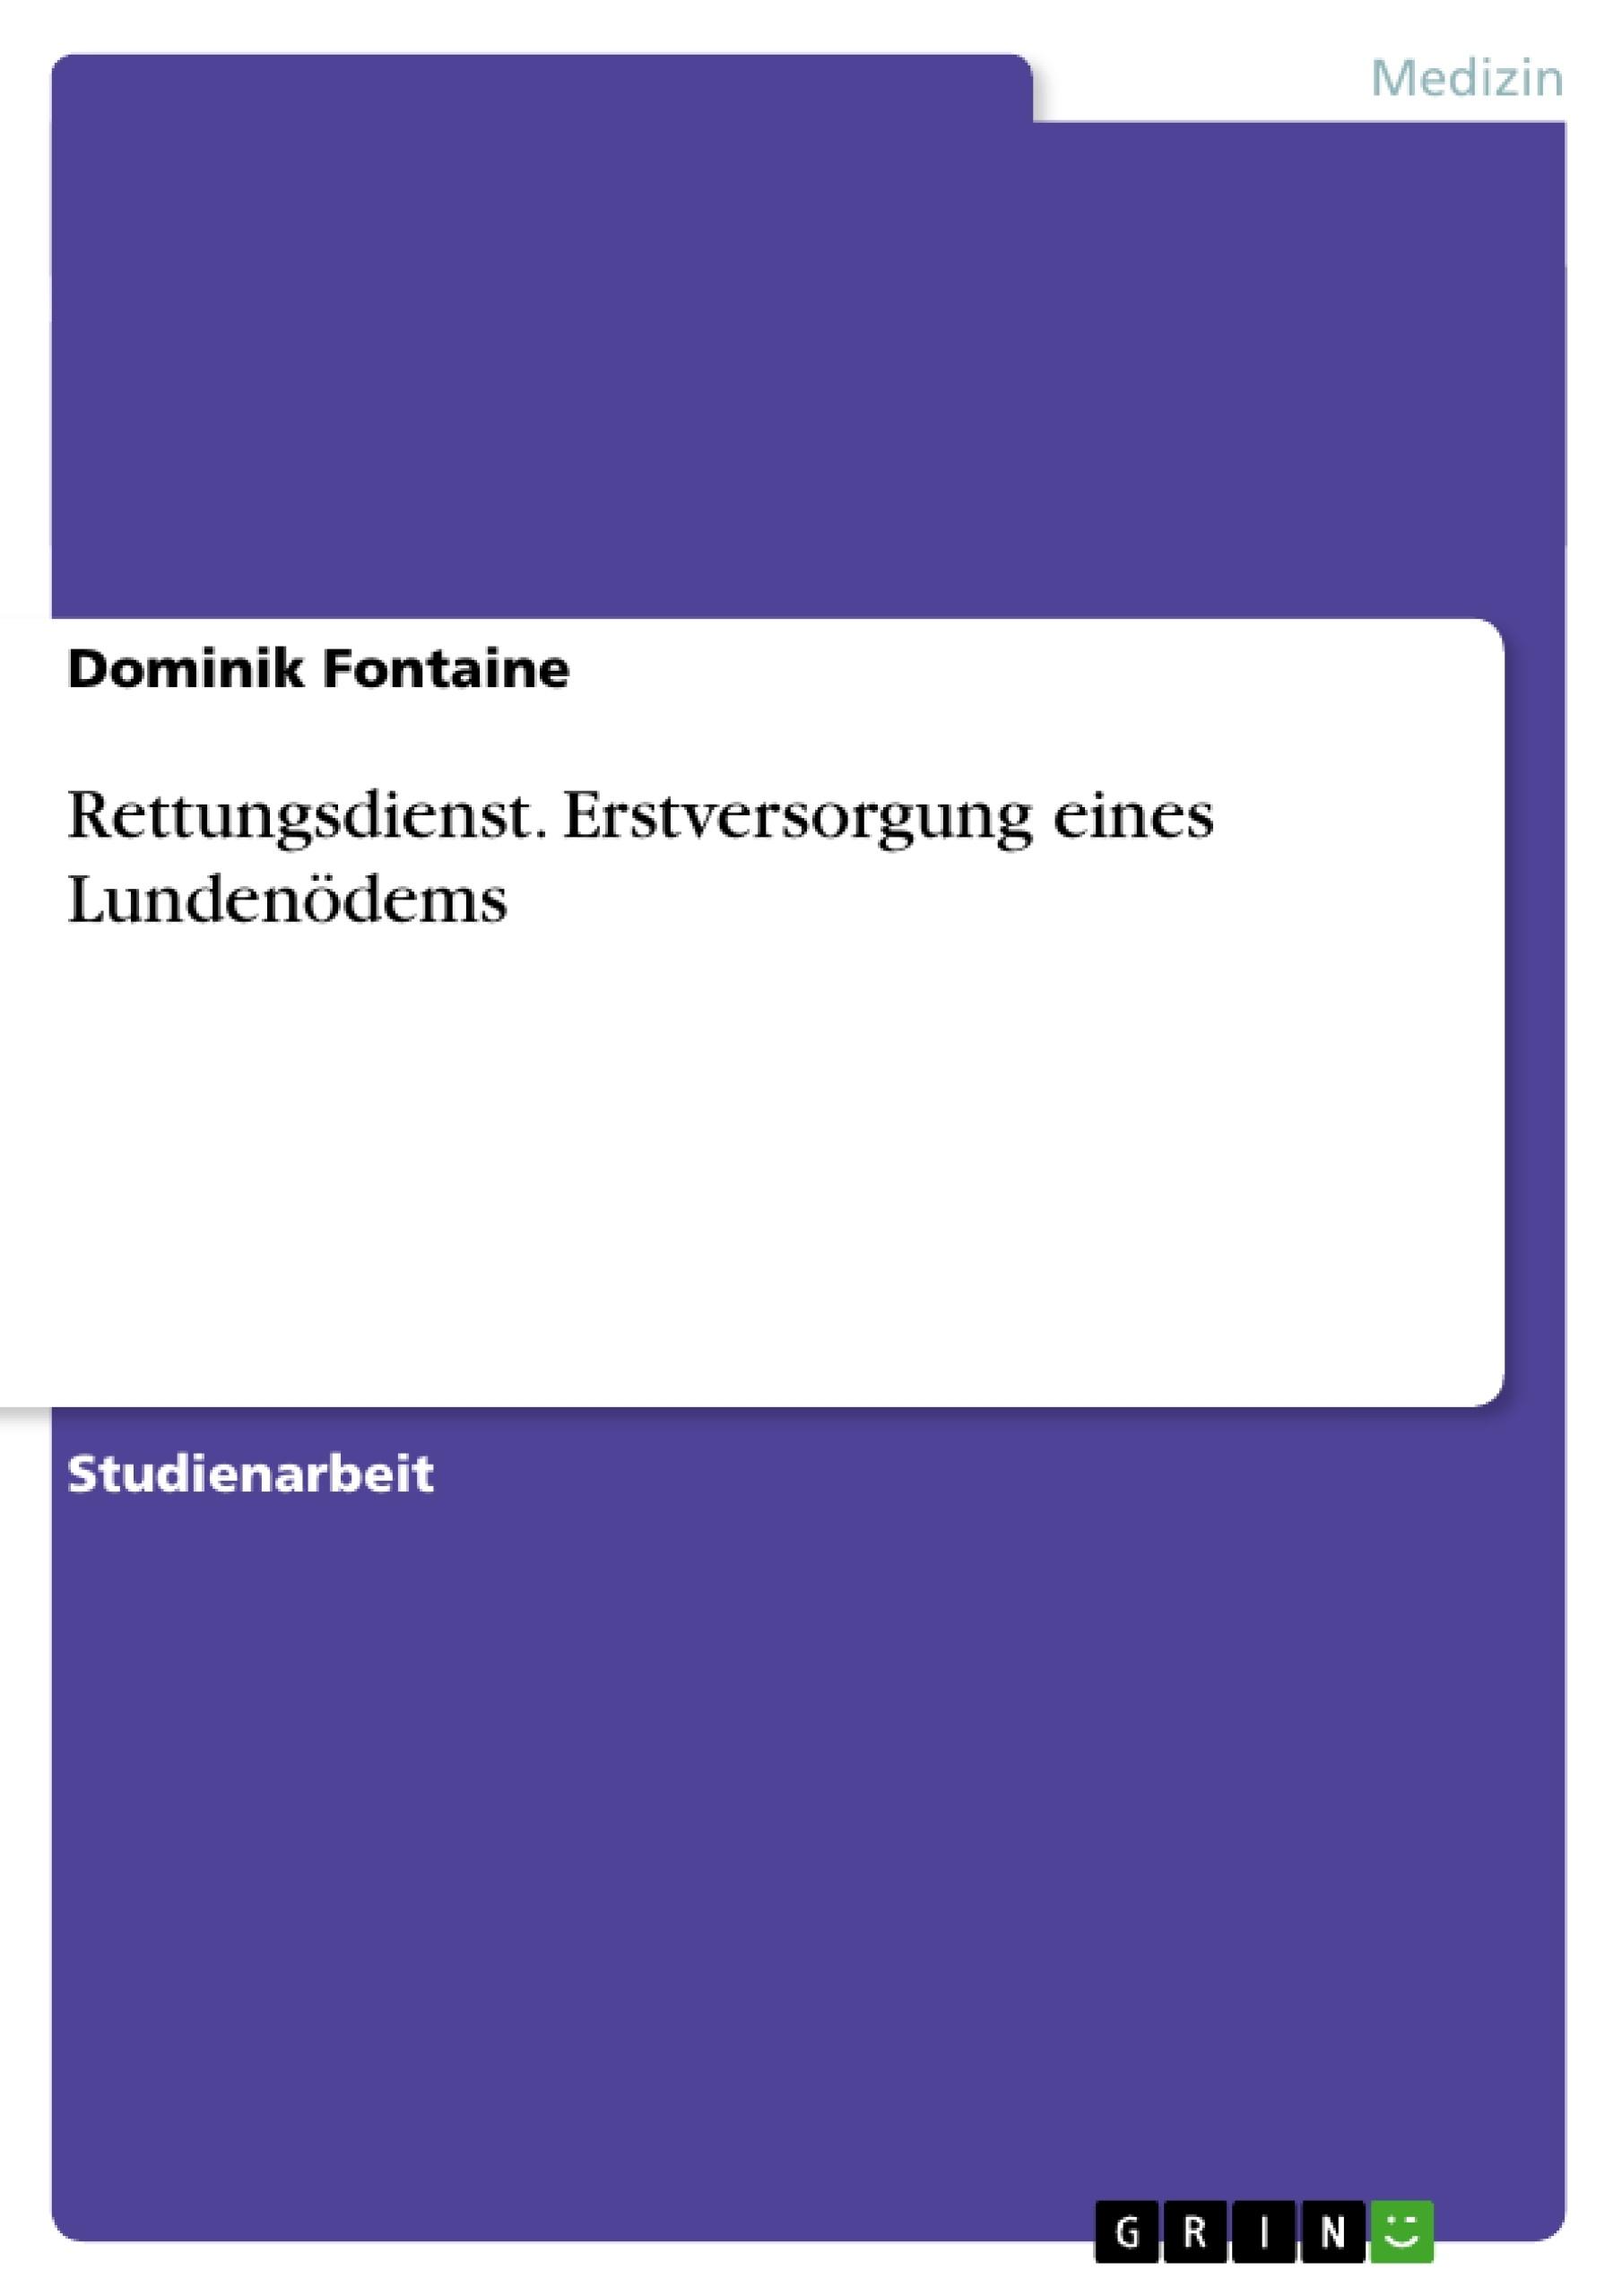 Titel: Rettungsdienst. Erstversorgung eines Lundenödems